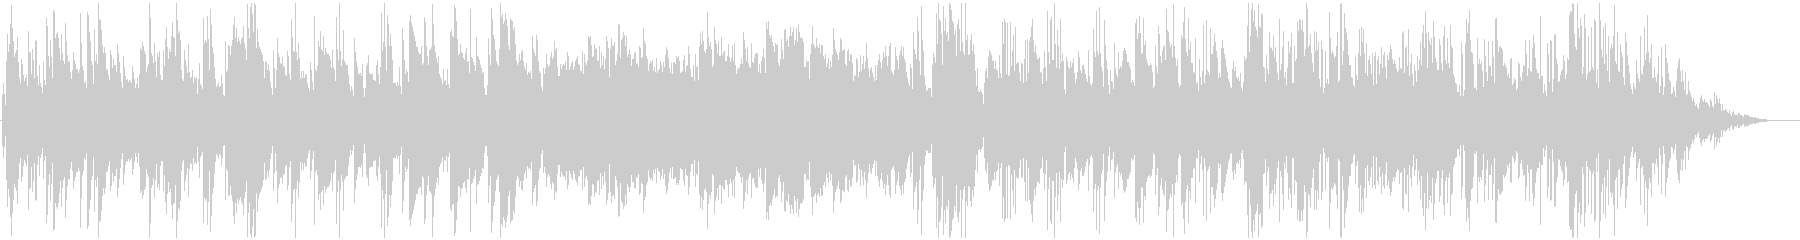 ノスタルジックなジャズBGMの未再生の波形